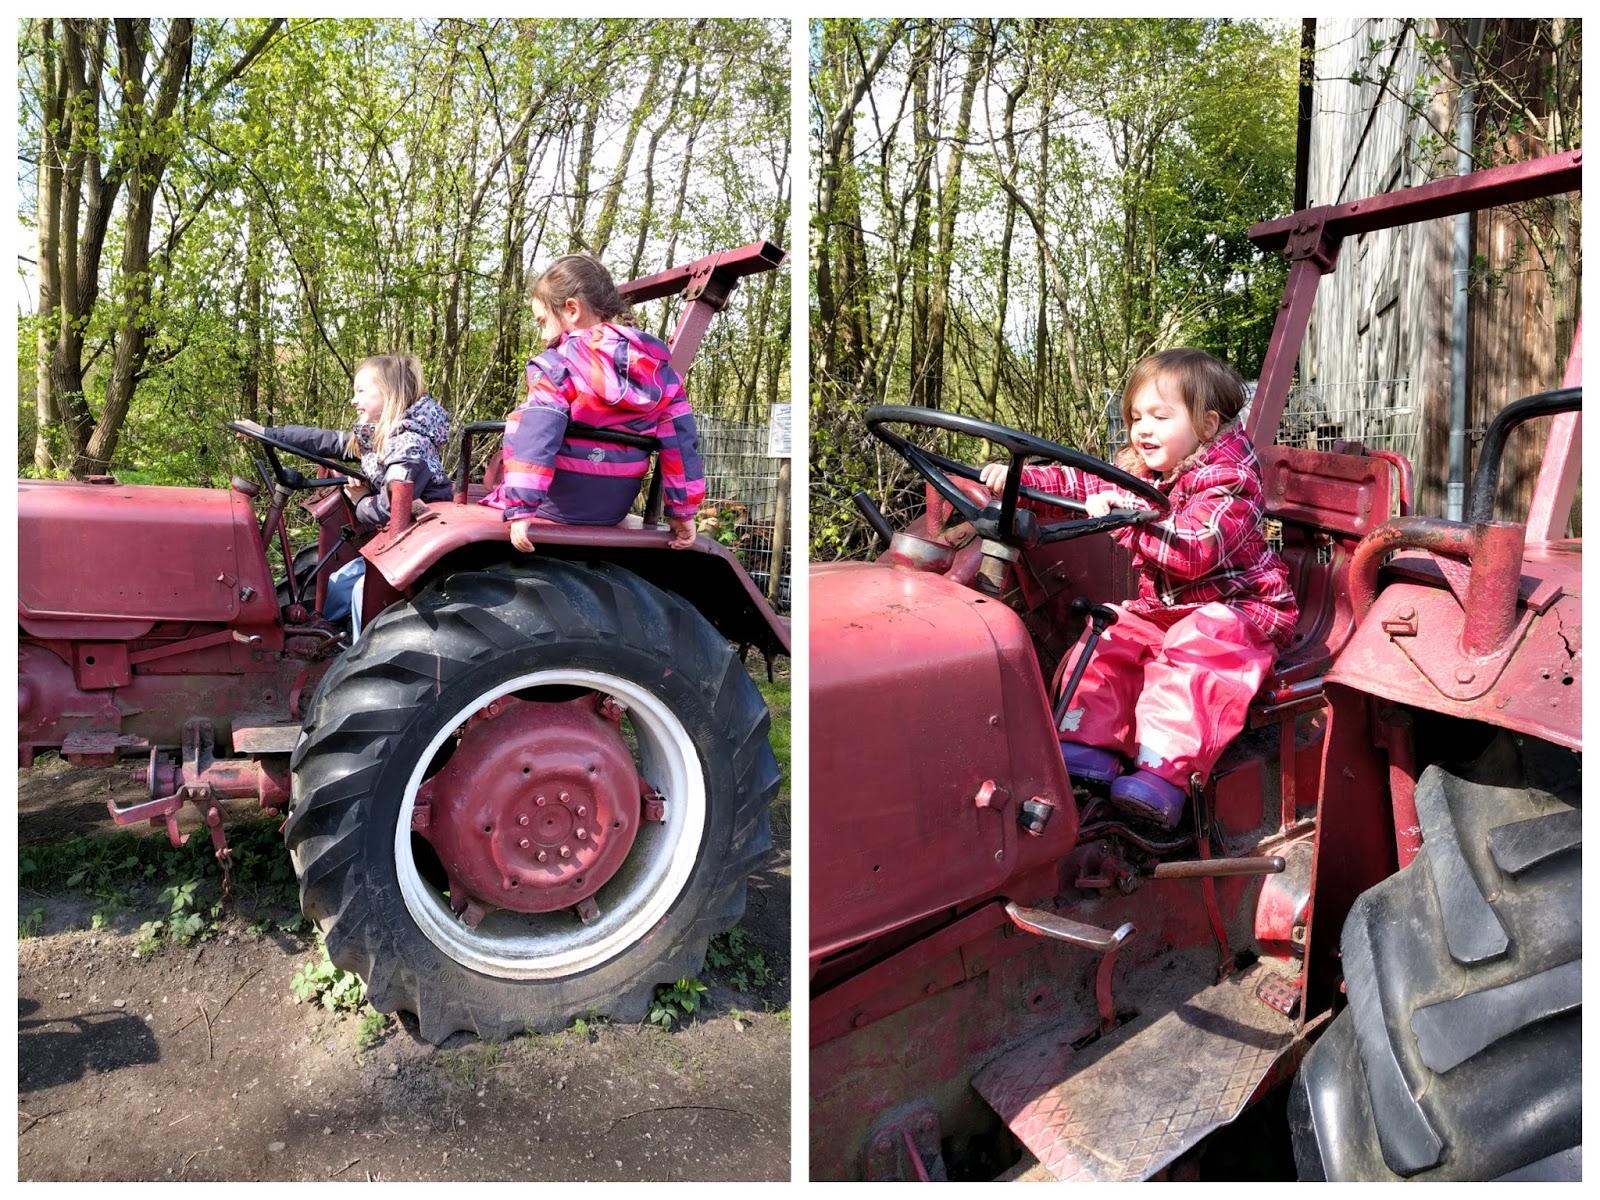 Traktorfahren mit www.larilara.de